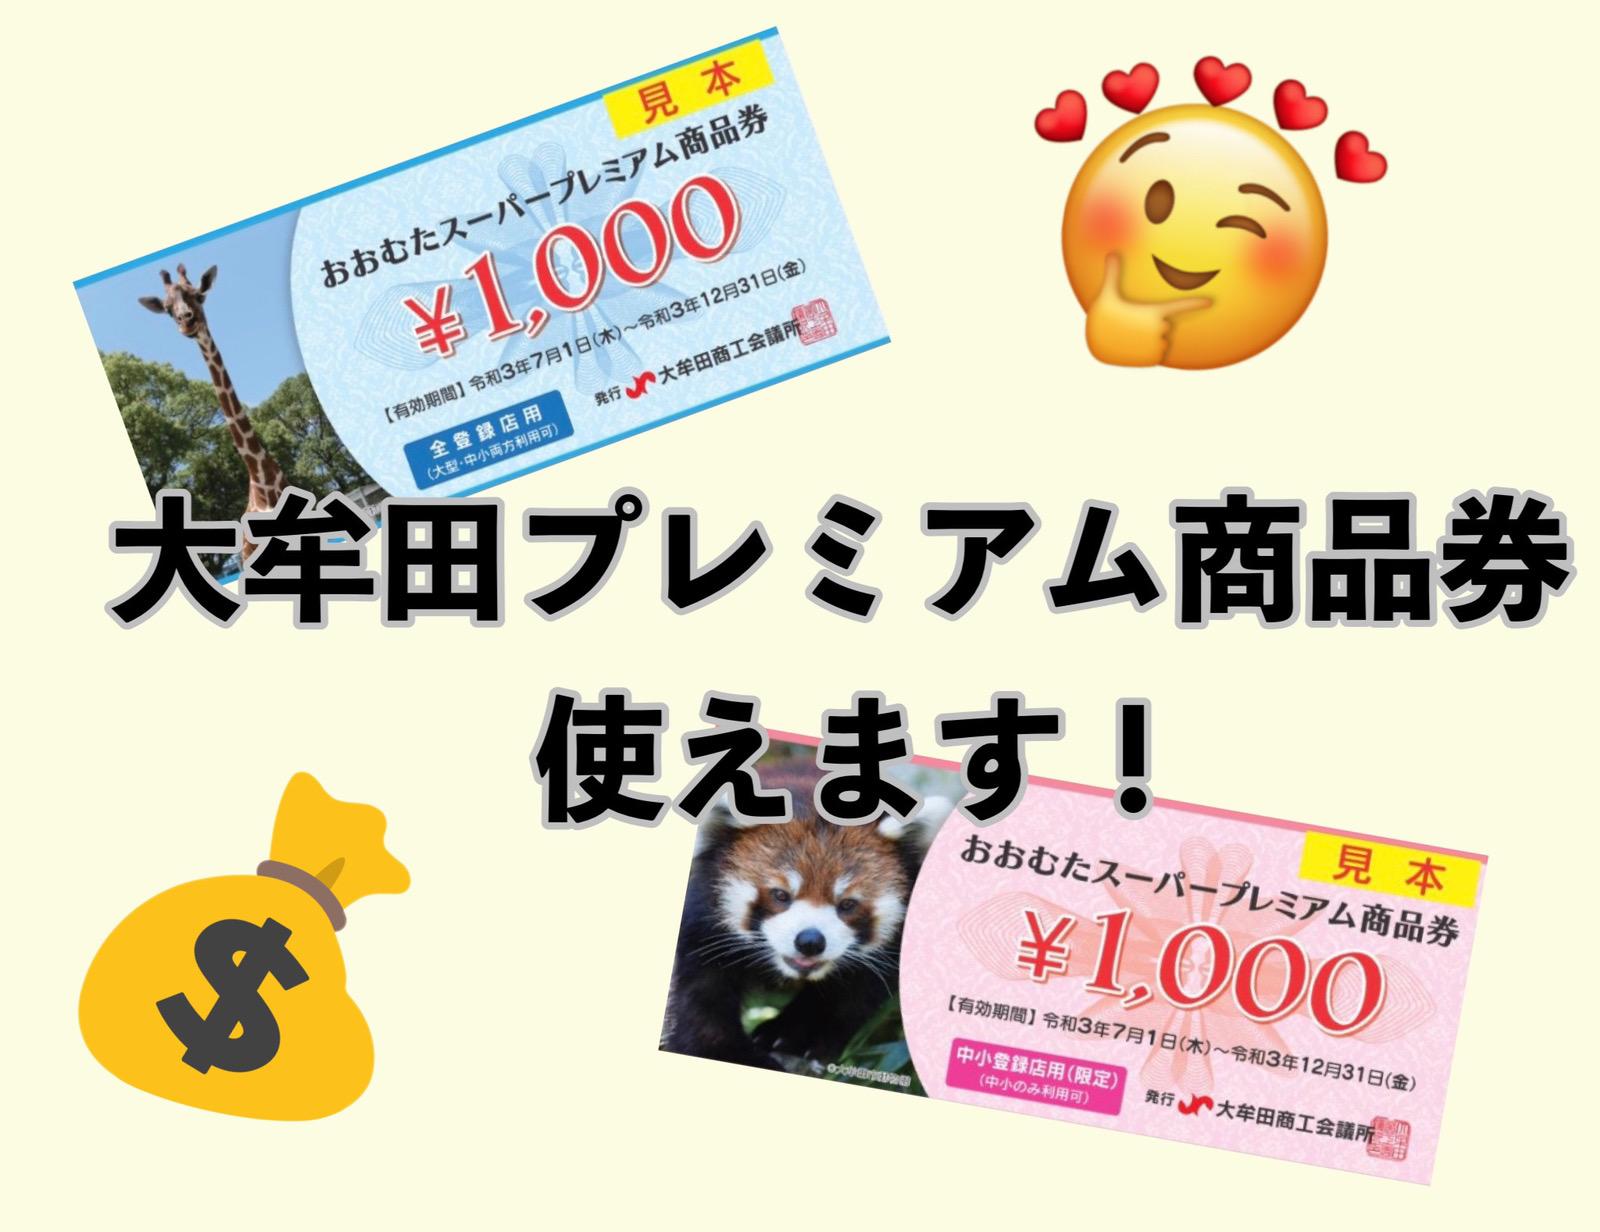 大牟田プレミアム商品券使えます! 福岡トーヨー 大牟田店のイベントキャンペーン メイン写真